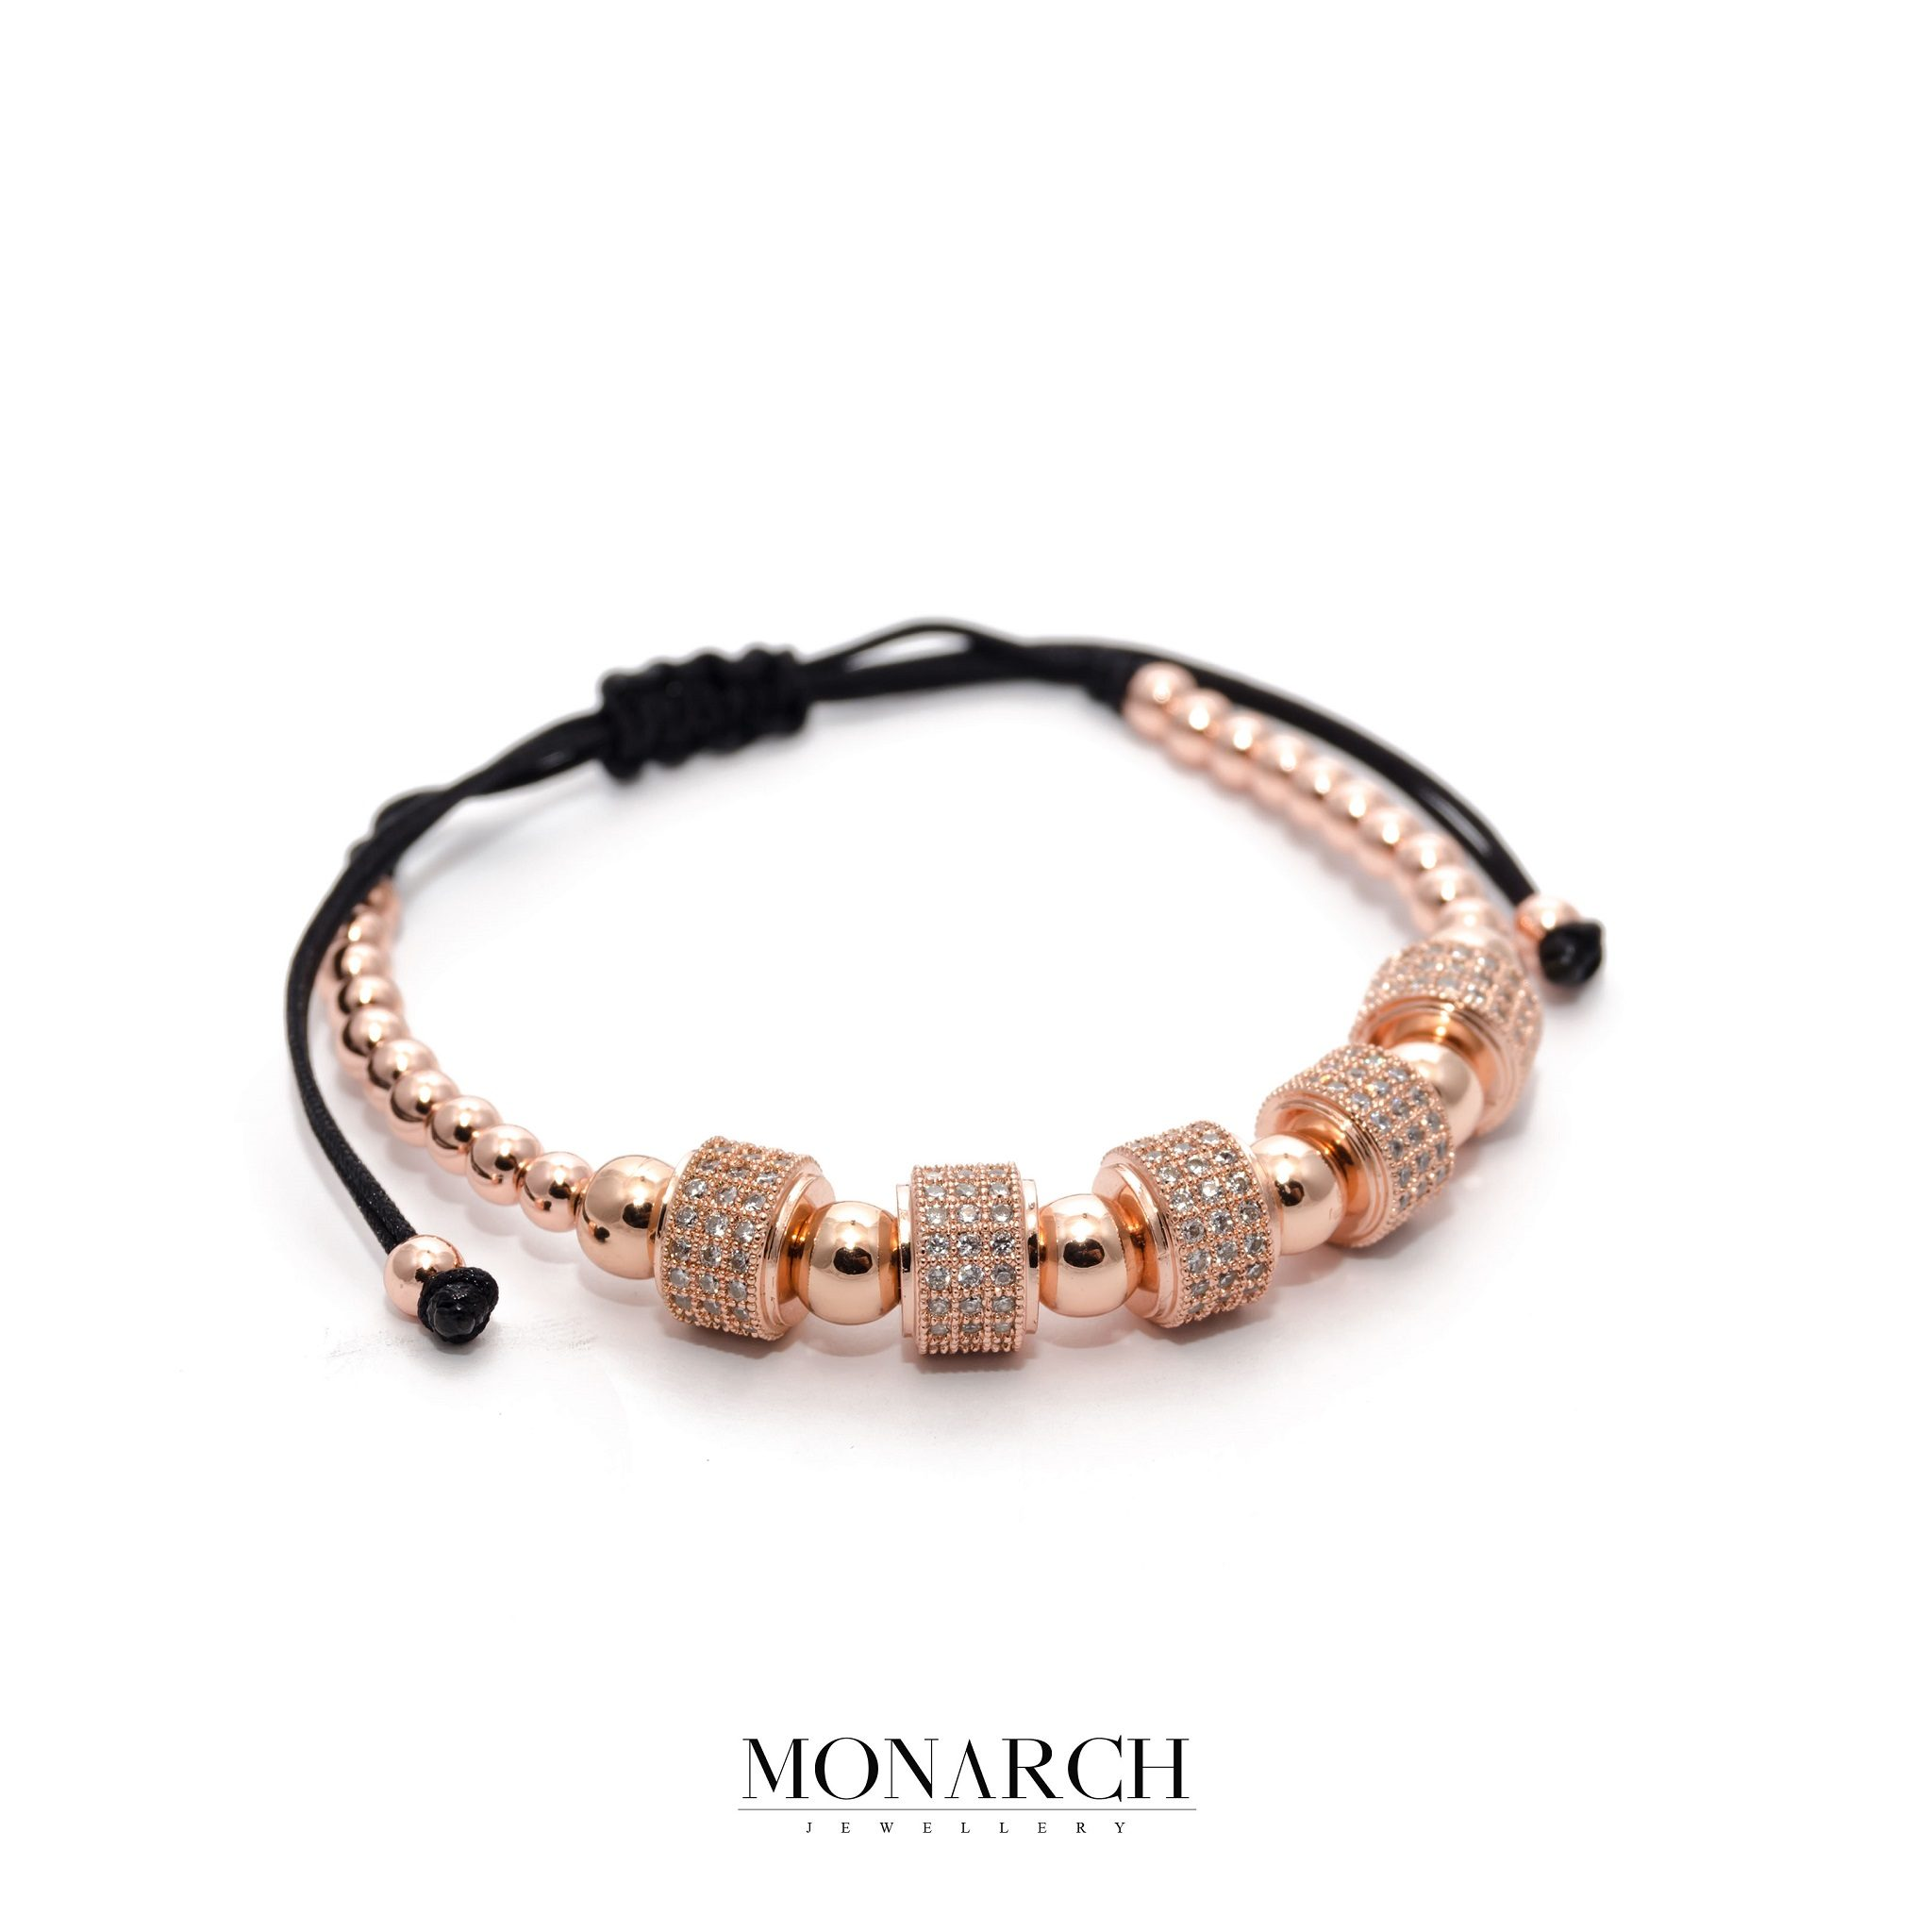 24K Rose Gold Penta Circum Macrame Bracelet